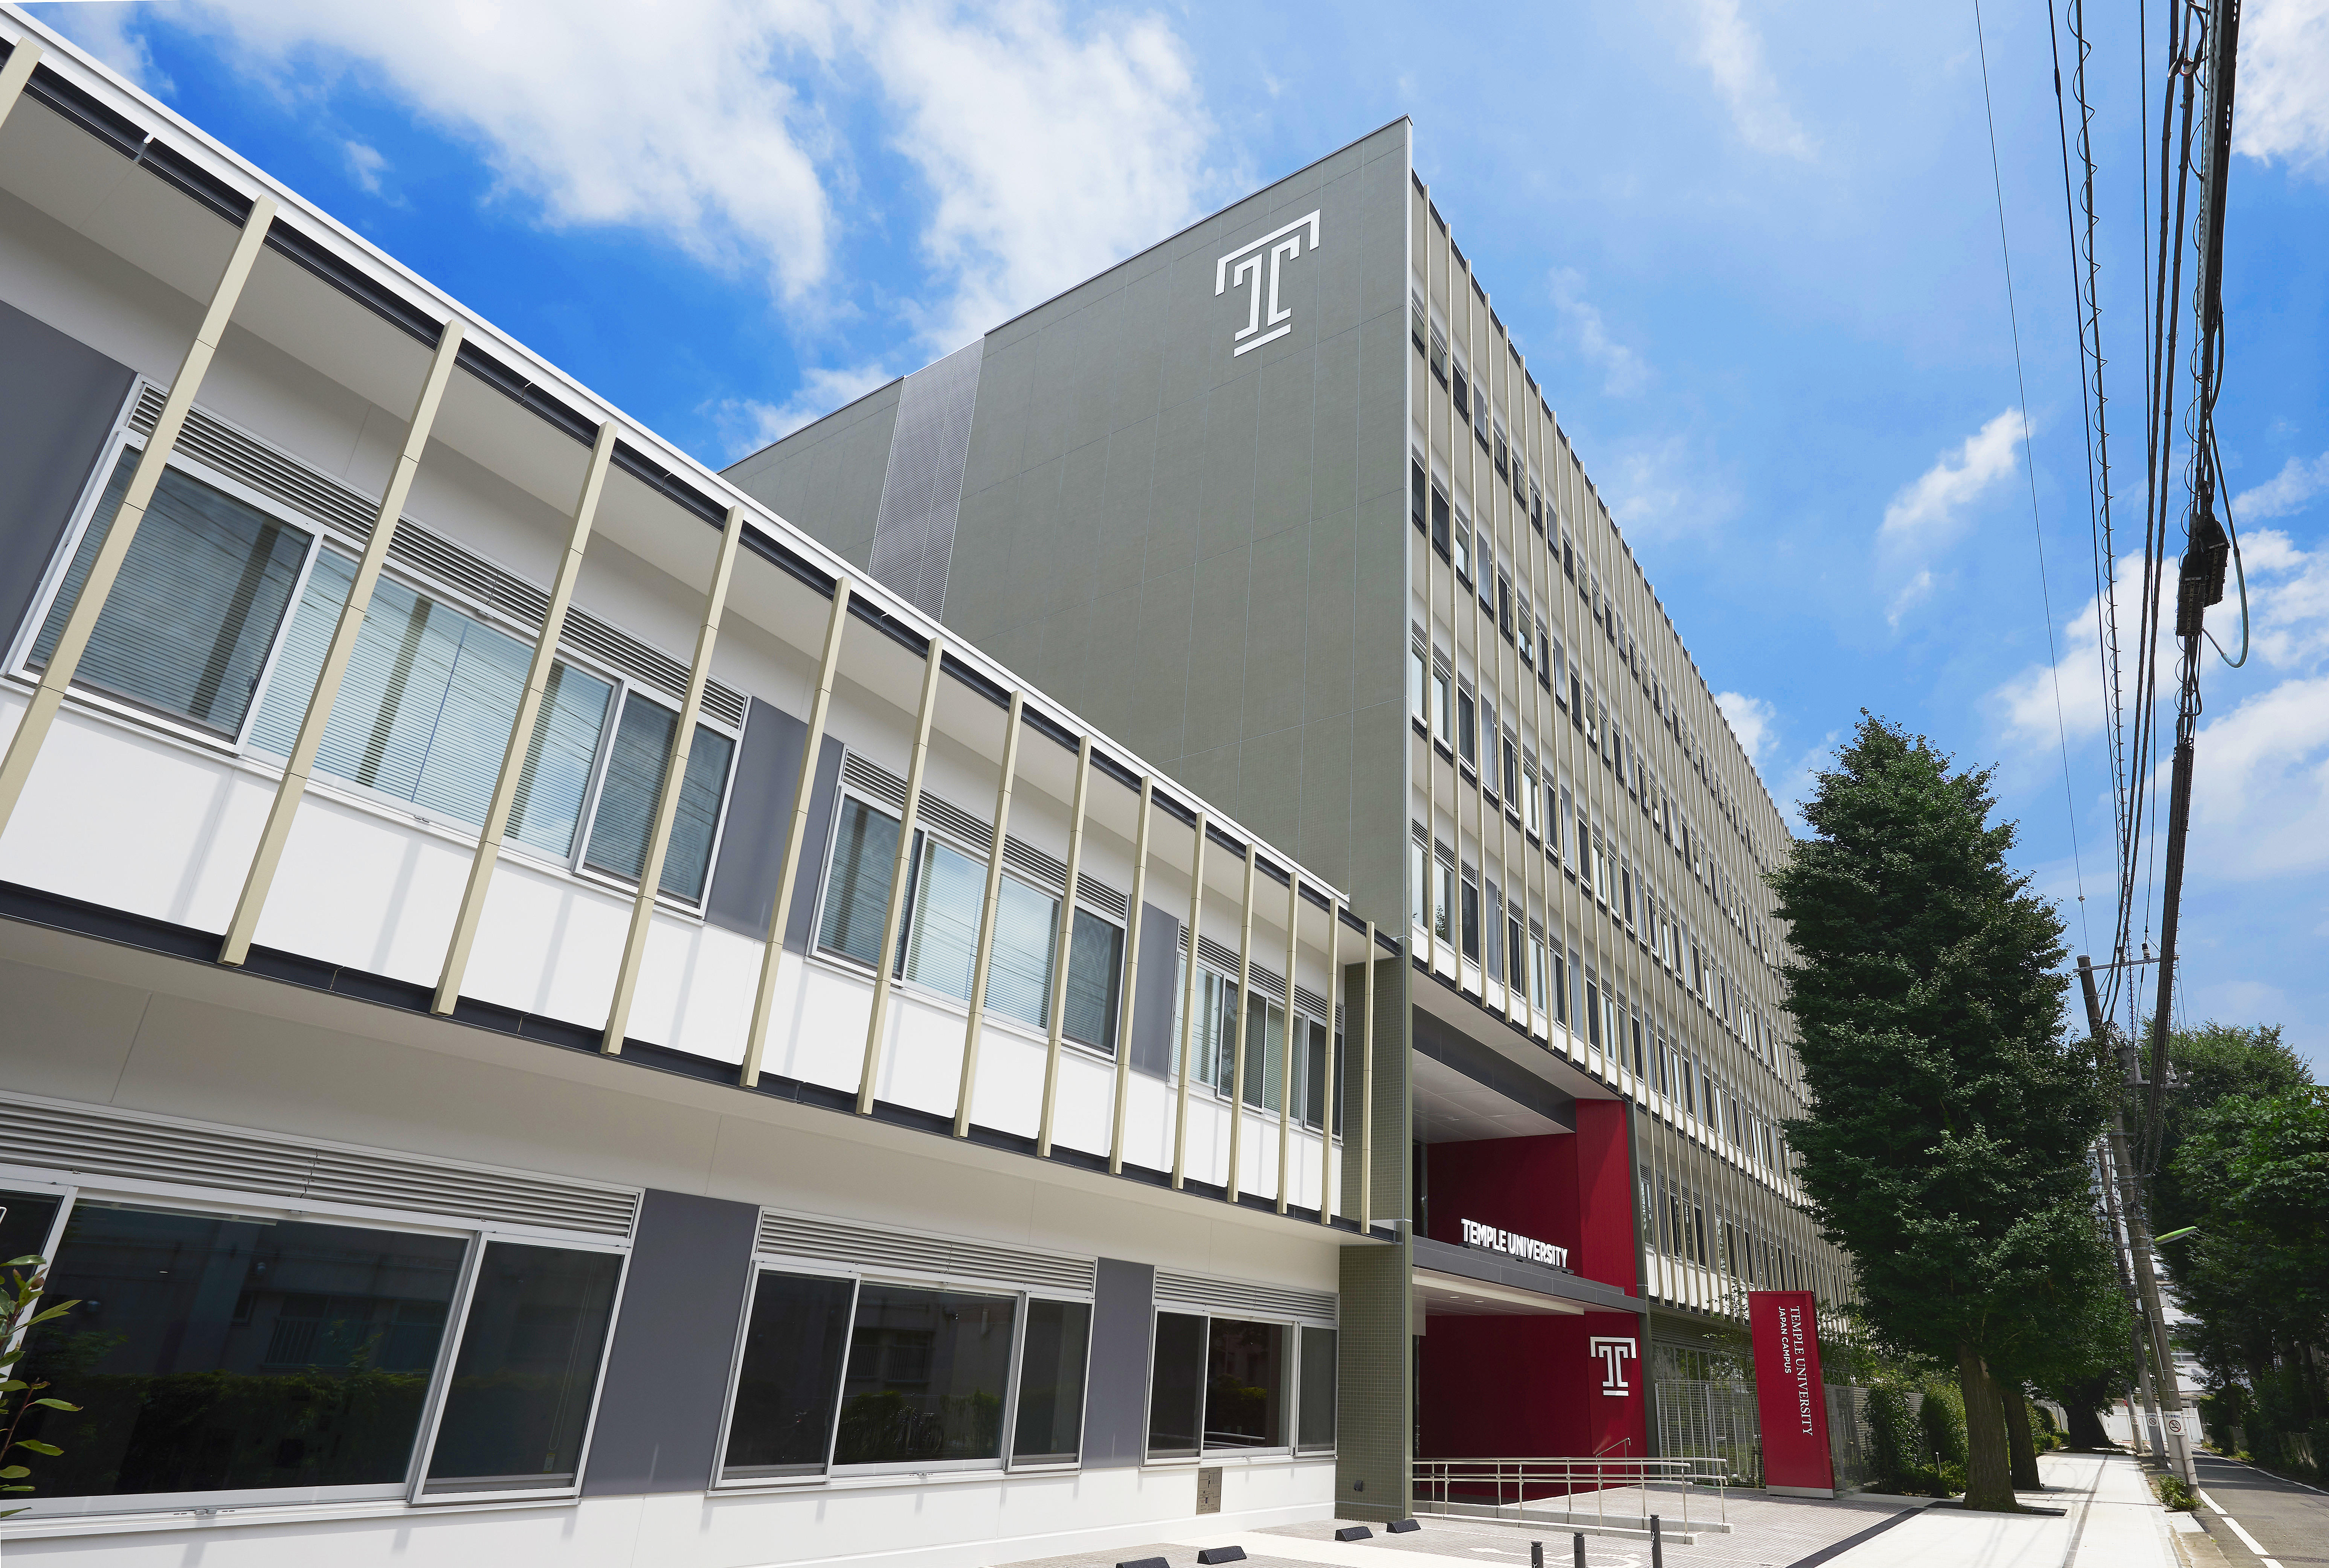 テンプル大学ジャパンキャンパス、三軒茶屋に移転 昭和女子大学敷地内に完成の新校舎へ